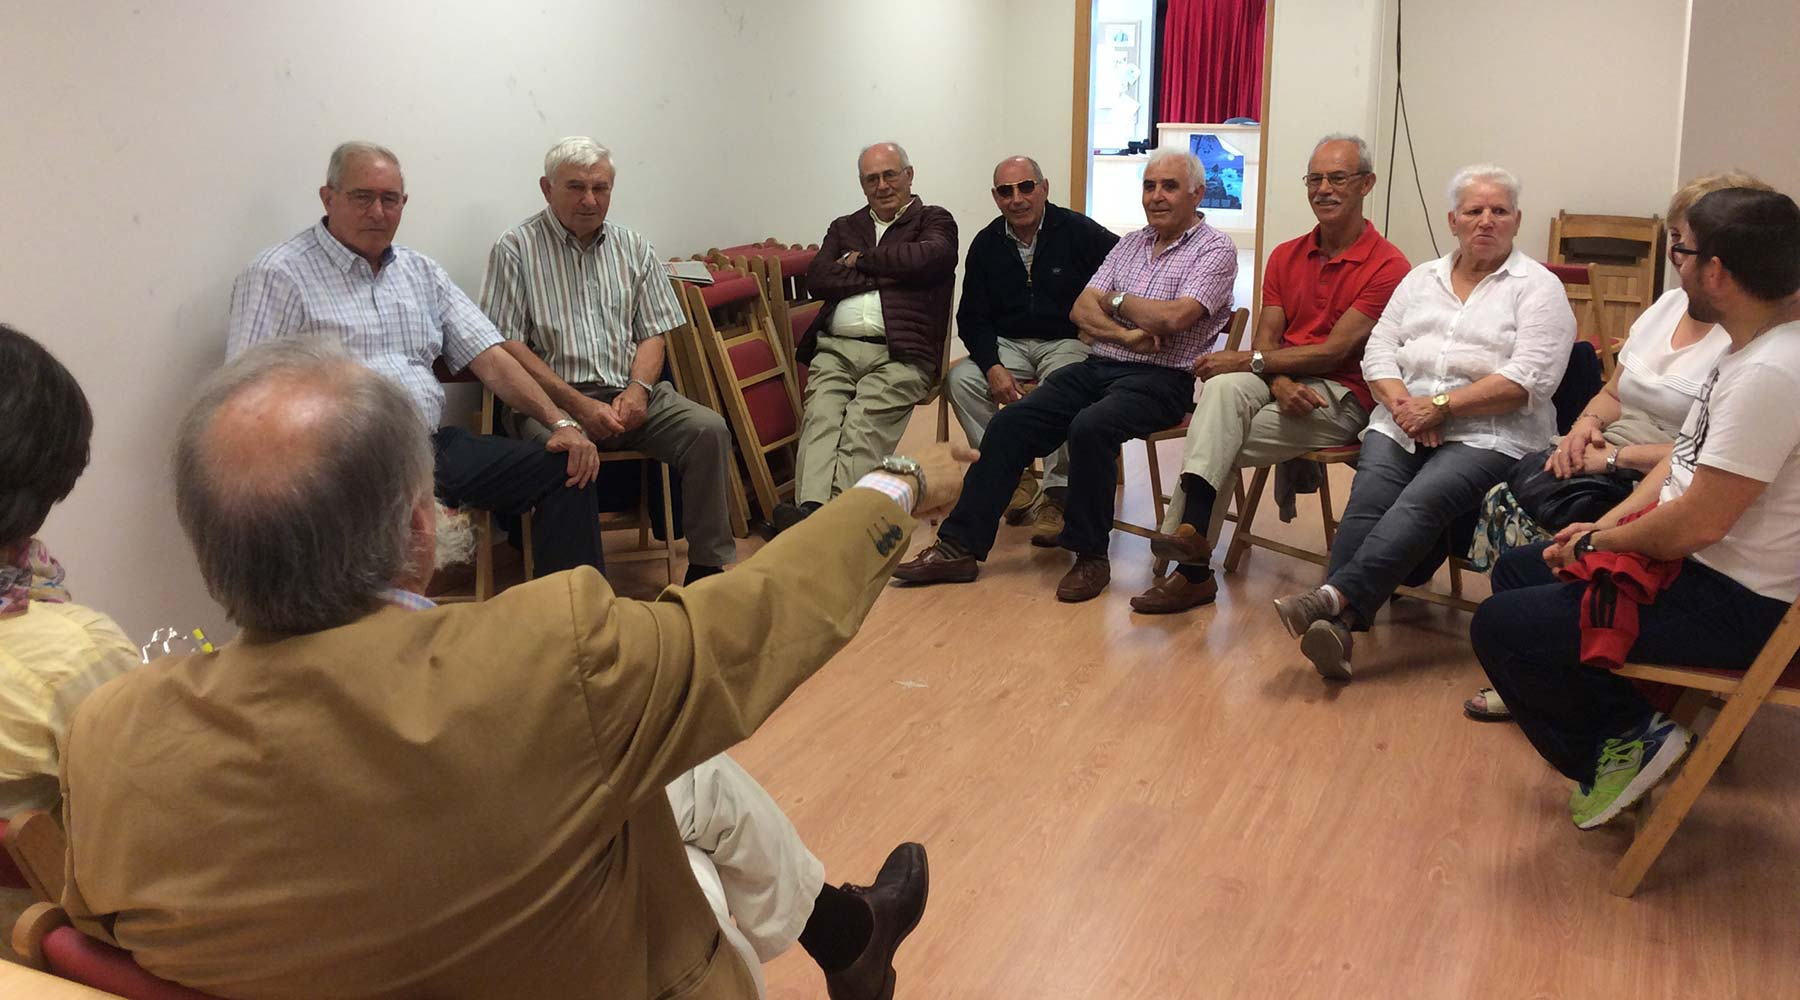 Primeiro encontro de Lembranzas Lúdicas no Melga con persoas maiores do Concello de Ponteceso